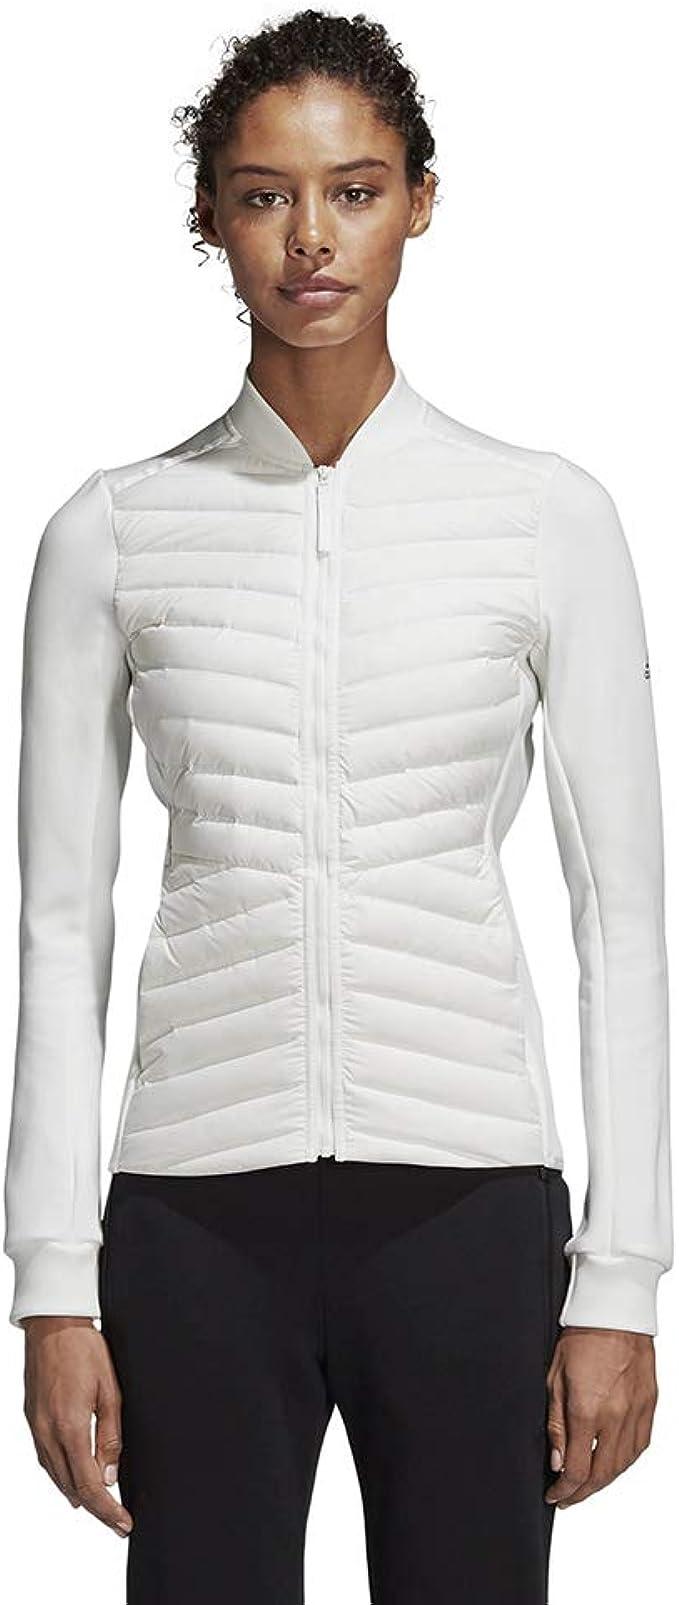 adidas outdoor Damen W Varilite Hybrid, XL, Weiß: Amazon